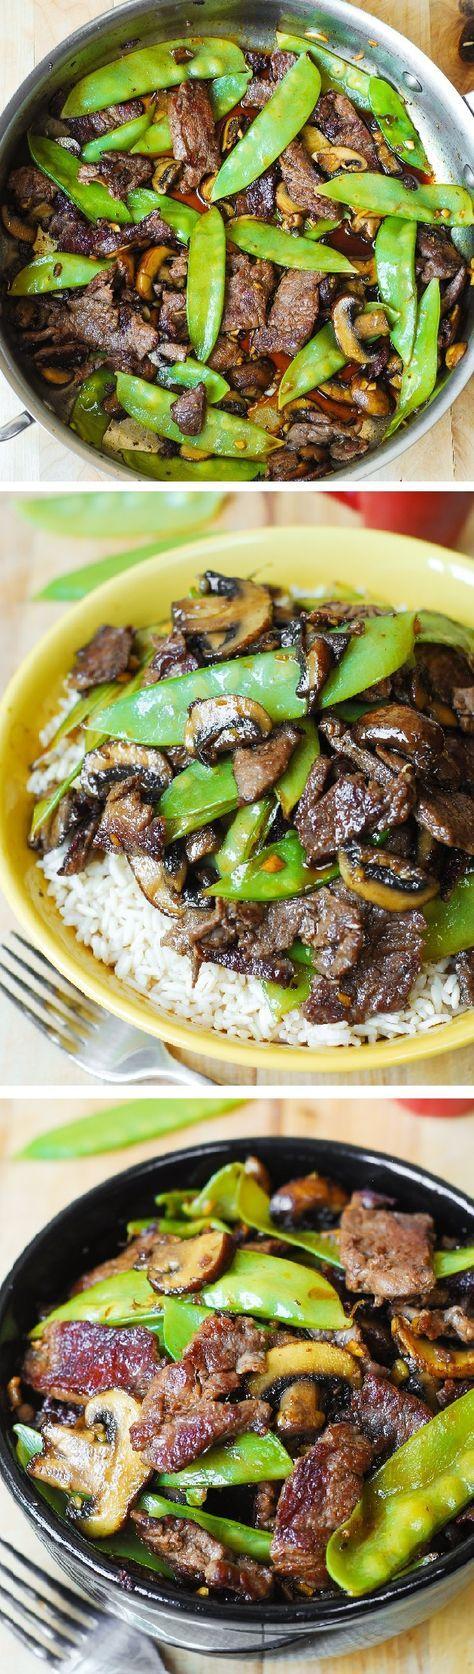 Bœuf a la saveur asiatique avec des pois mange tout et des champignons /Asian Beef with Mushrooms & Snow Peas in an Asian sauce